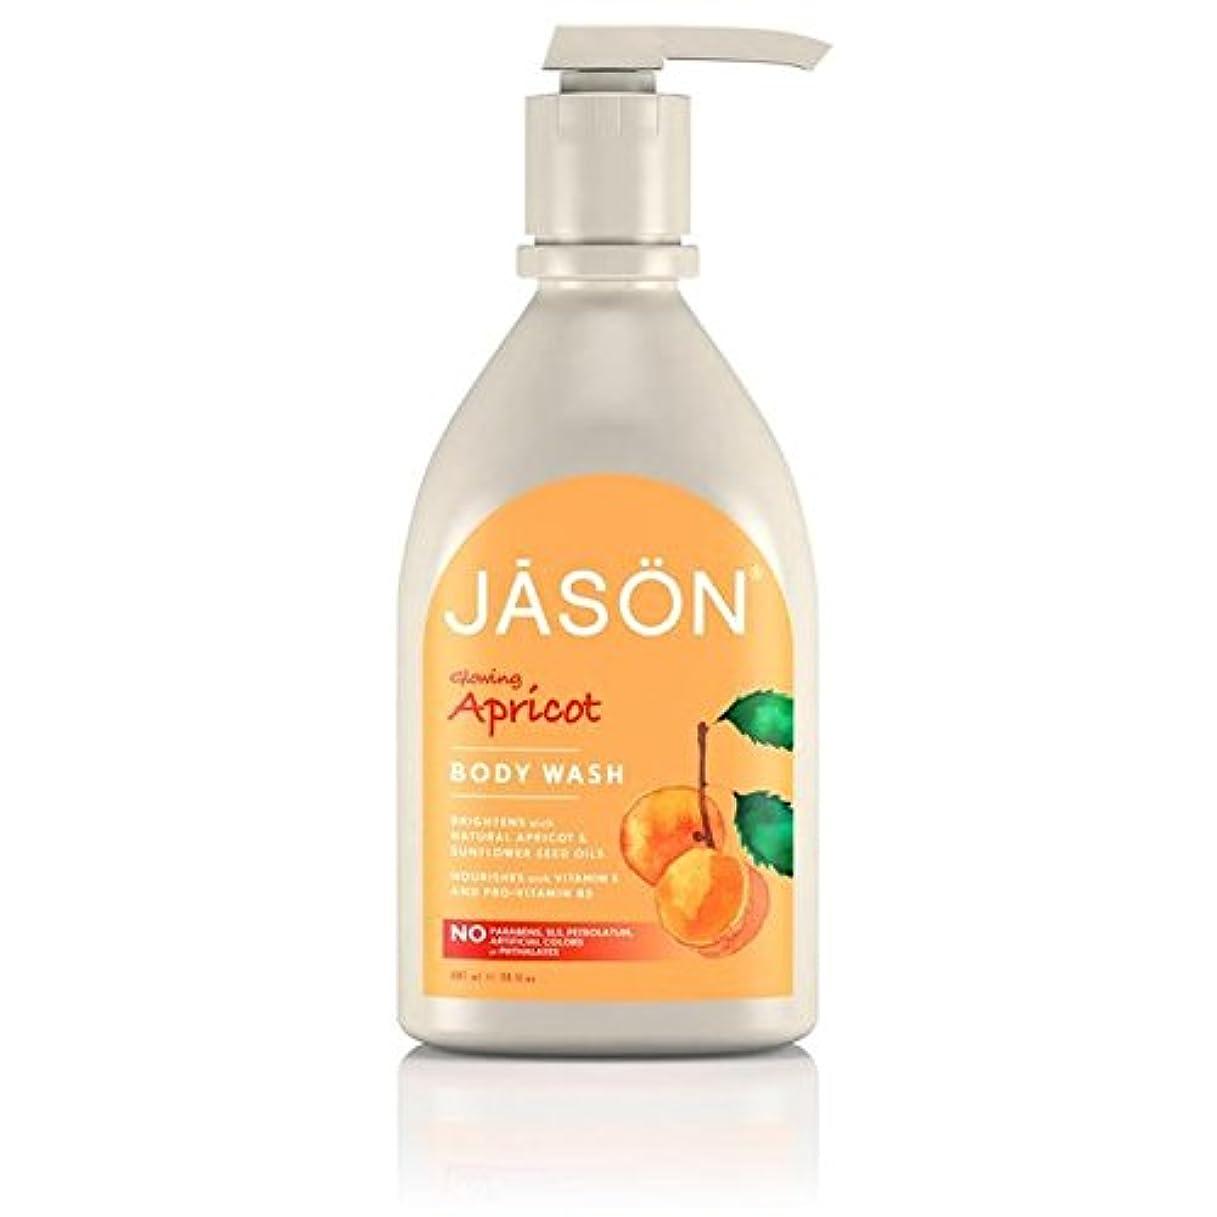 医薬買収契約するJason Apricot Satin Body Wash Pump 900ml (Pack of 6) - ジェイソン?アプリコットサテンボディウォッシュポンプ900ミリリットル x6 [並行輸入品]